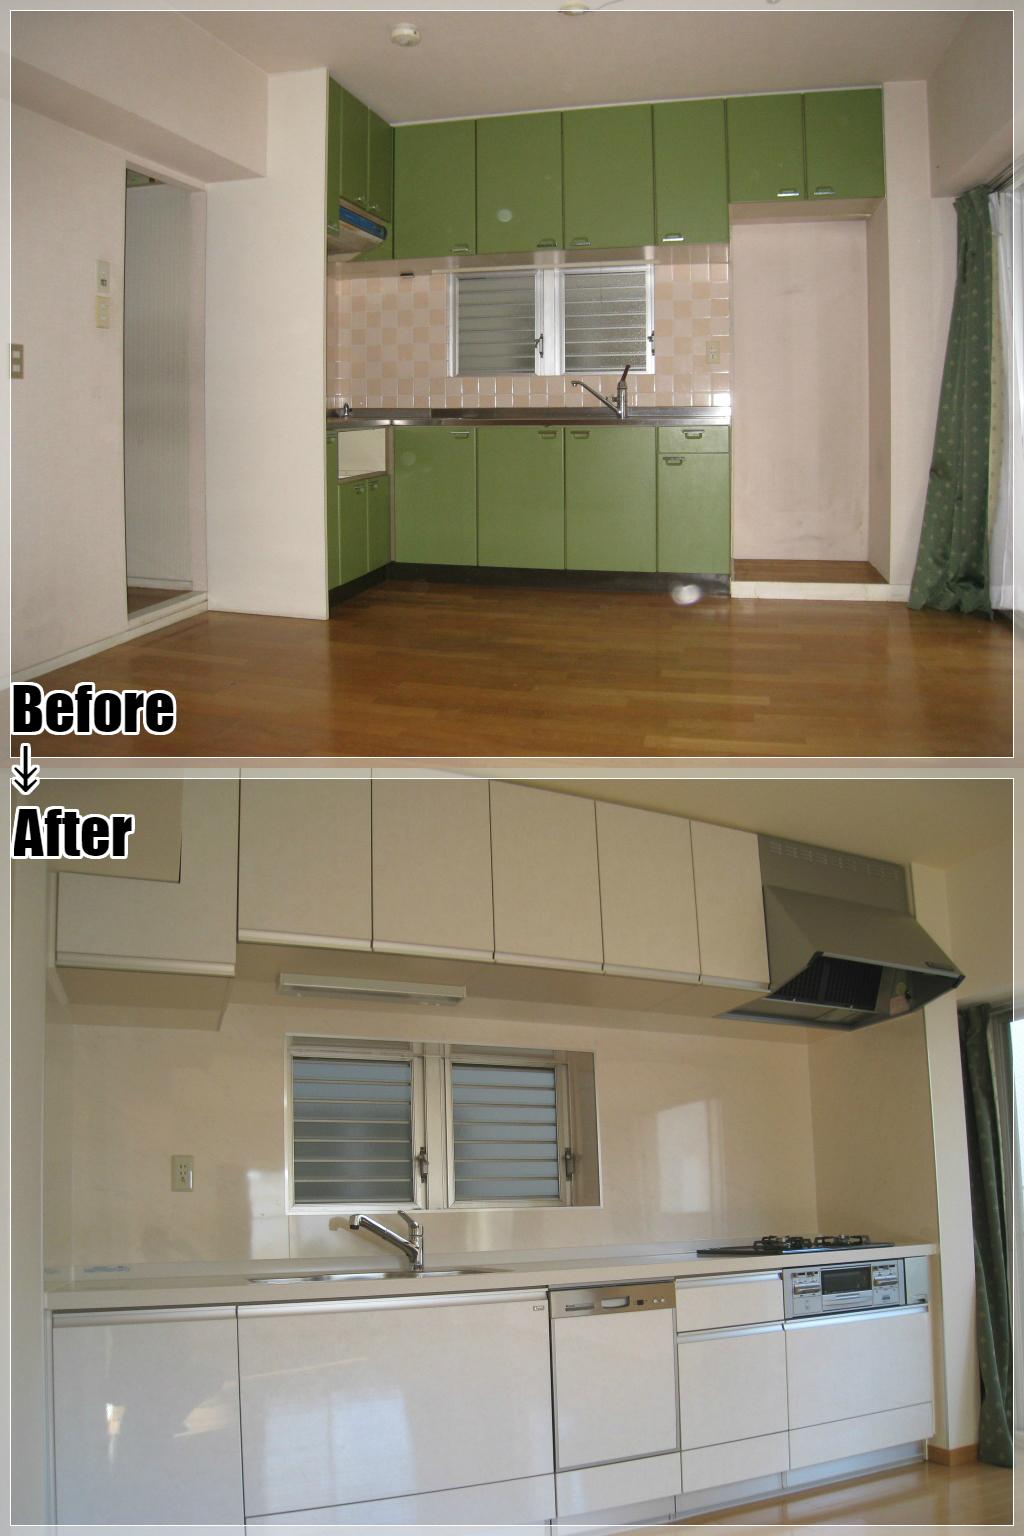 マンションリフォームの施工事例 Case.02 セクショナルキッチン・システムキッチン